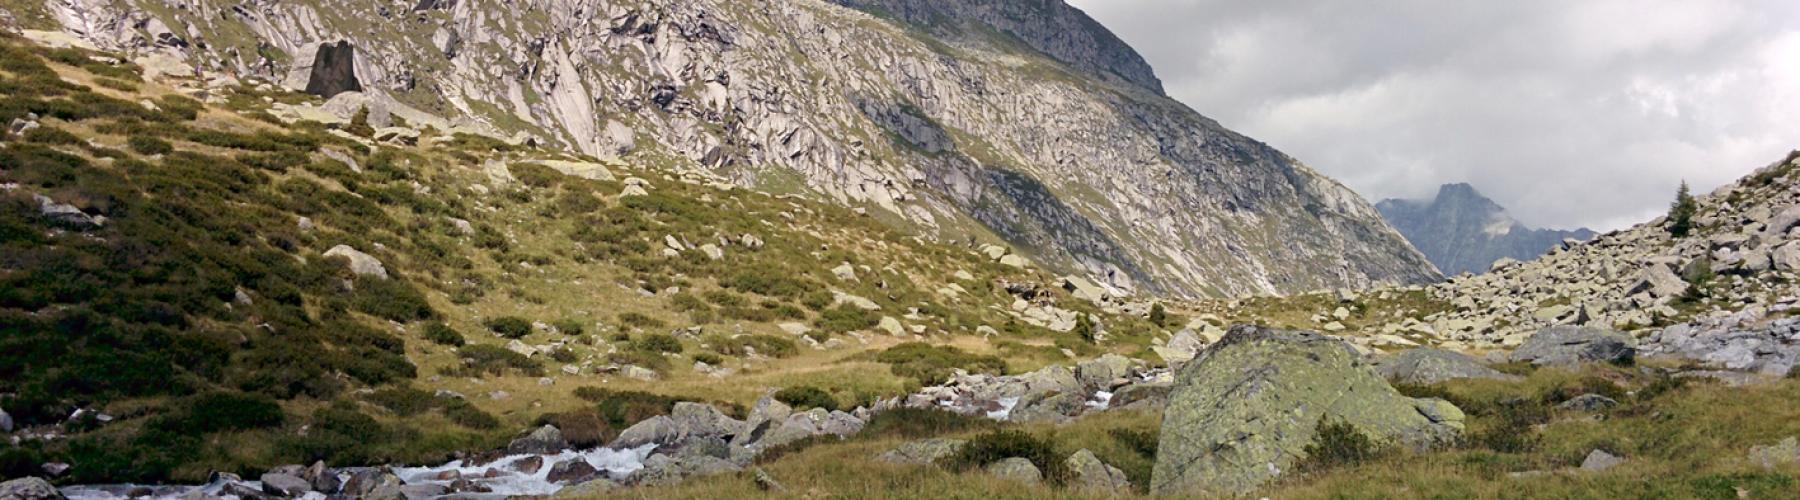 Copertina Val Adamè